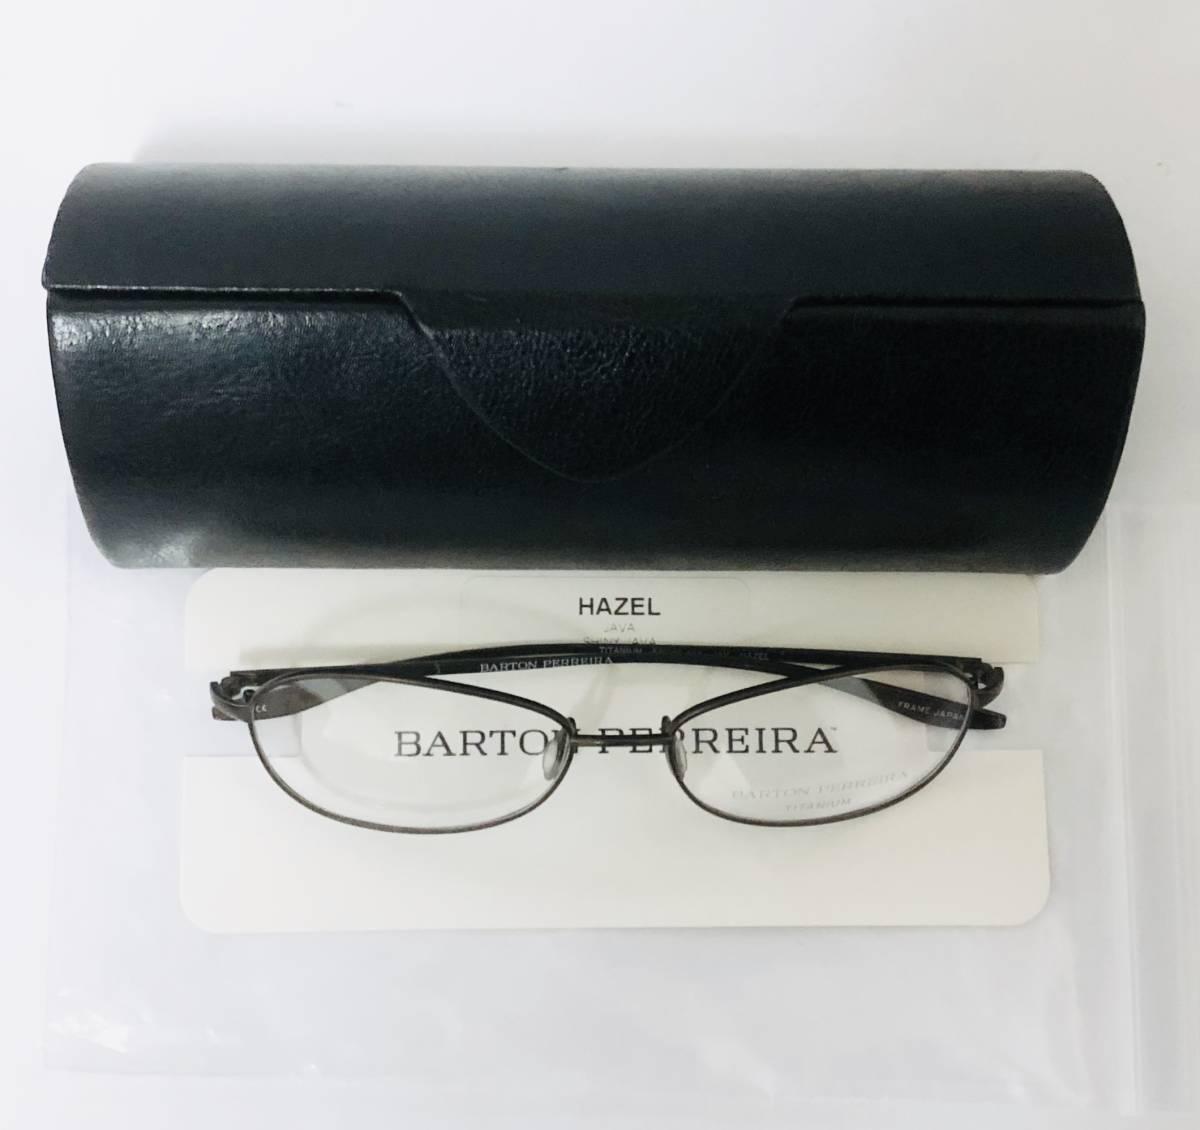 定価 42,500円 バートンペレイラ ヘイゼル チタン製 日本製 黒小金色 Barton Perreira メガネ 米国ブランド_画像10